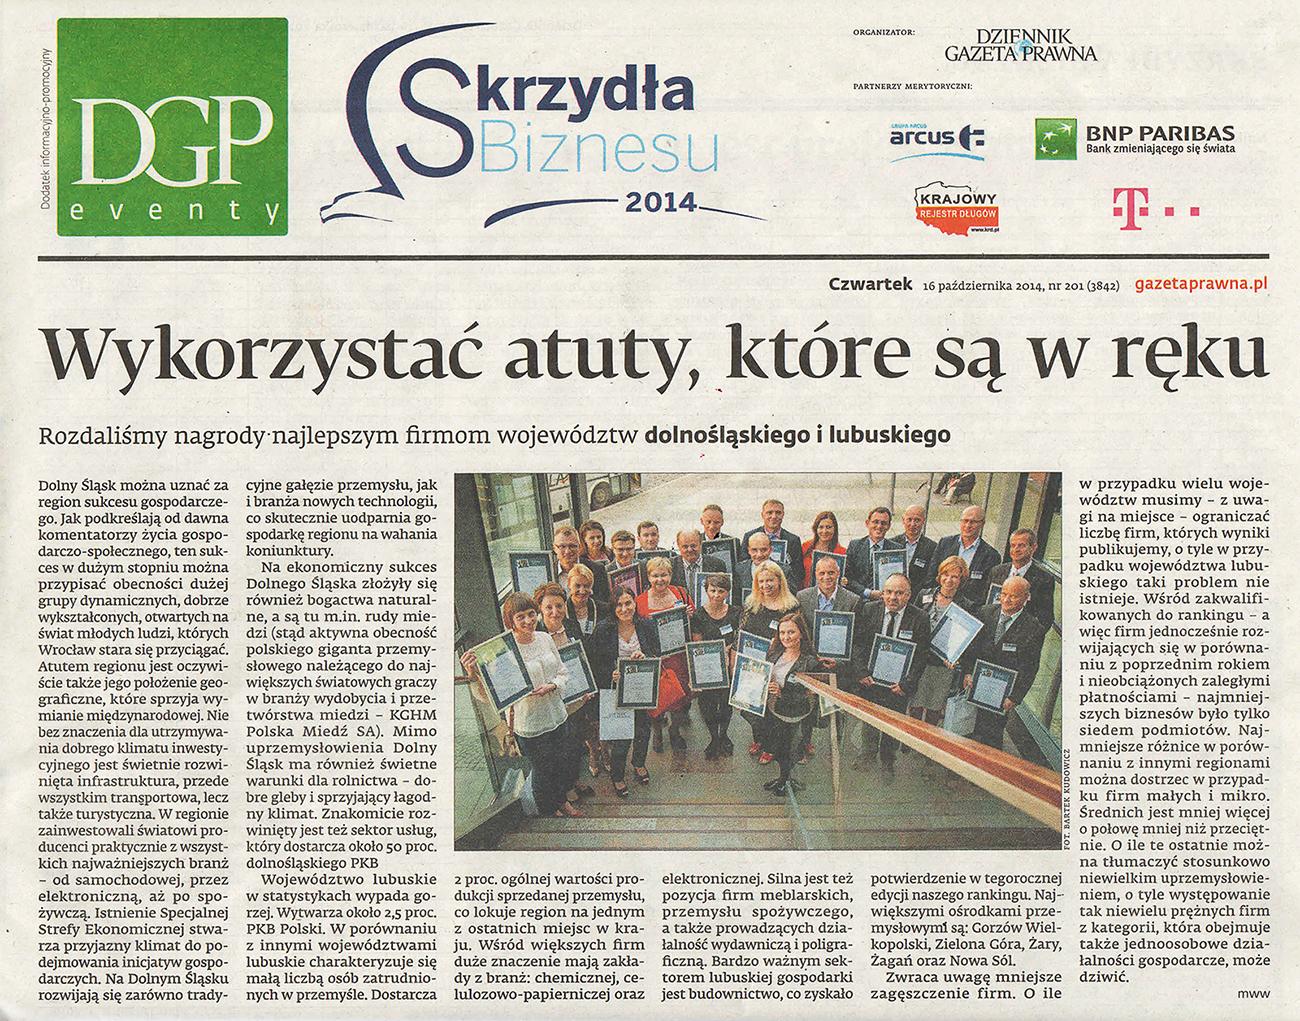 Dziennik Gazeta Prawna 16.10.2014